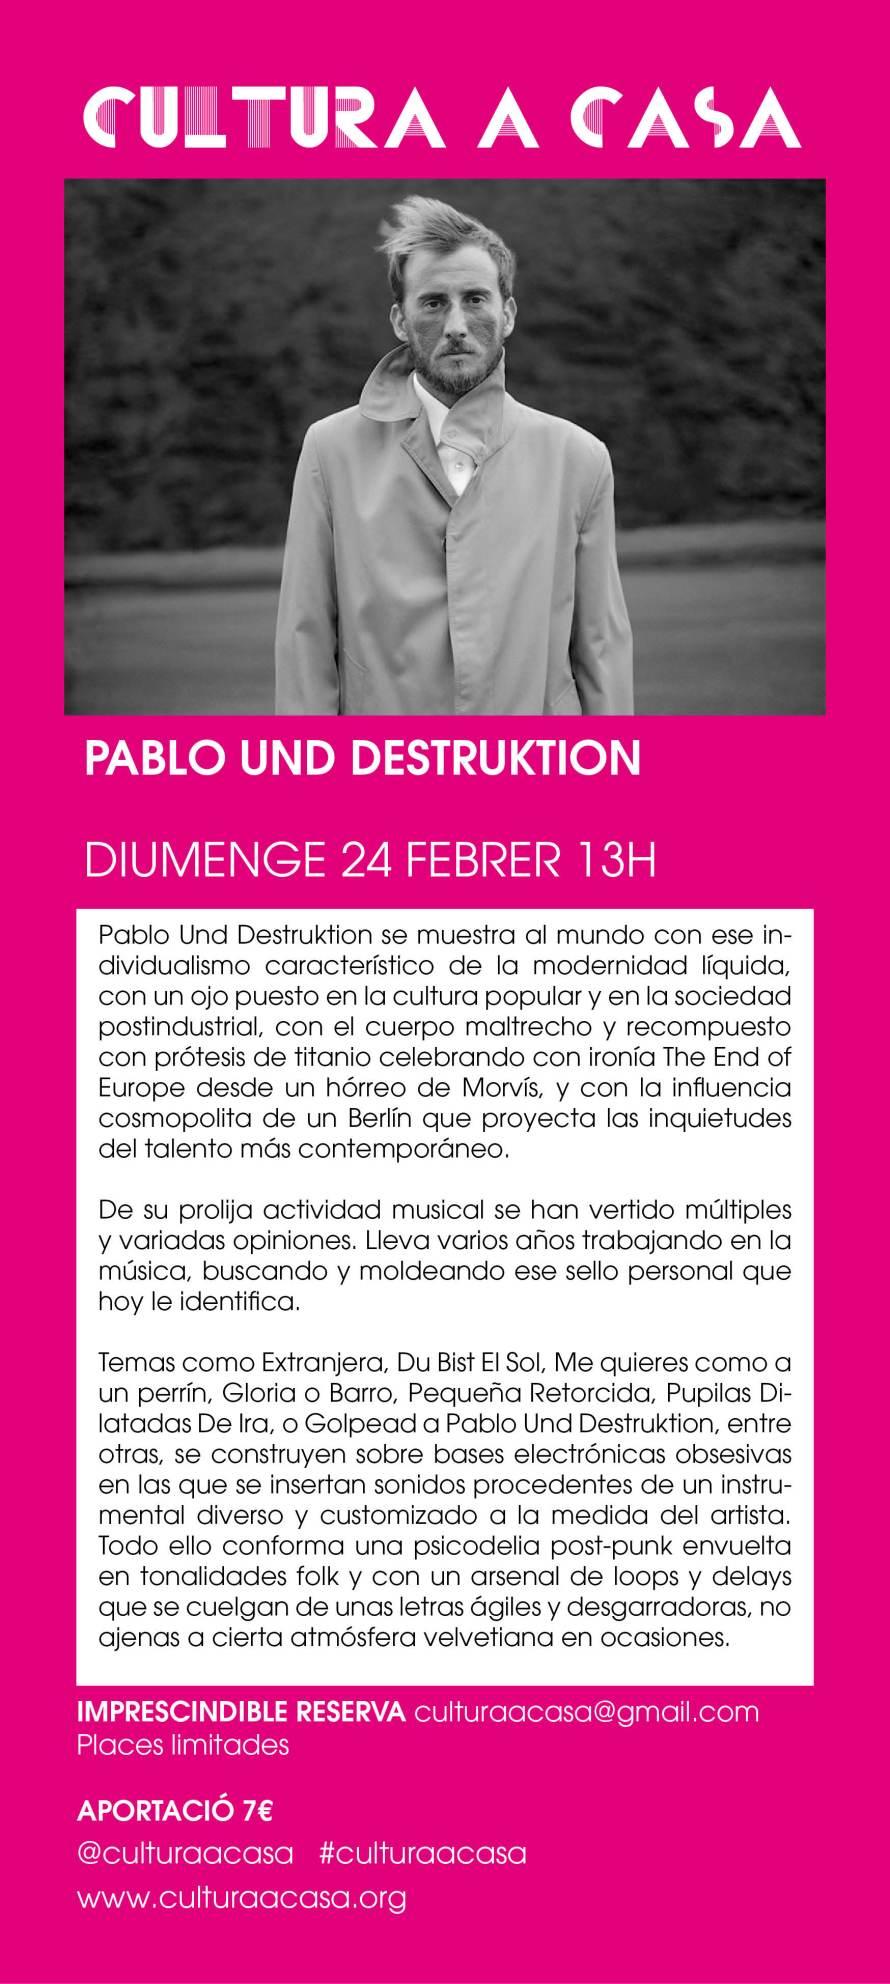 pablo_und_destruktion